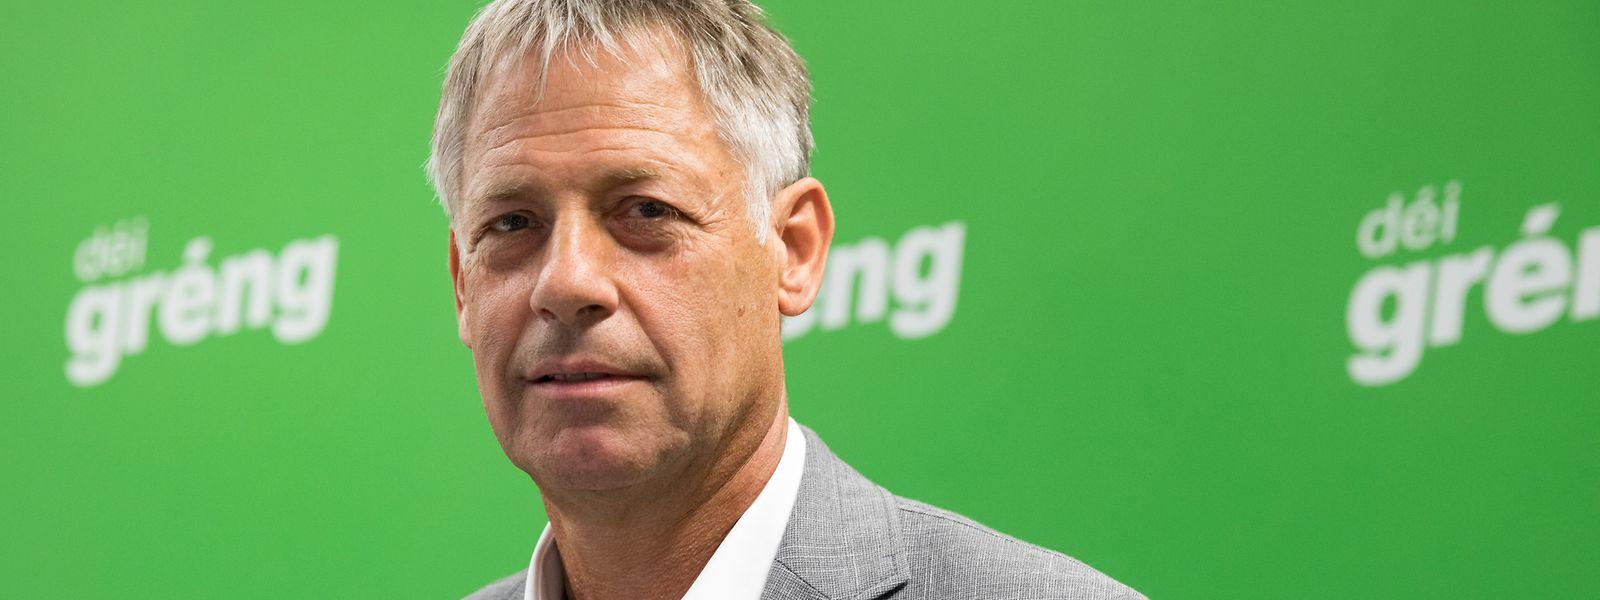 """Henri Kox: Bis dato dienstältester Abgeordneter von Déi Gréng, demnächst """"jüngstes"""" Regierungsmitglied."""